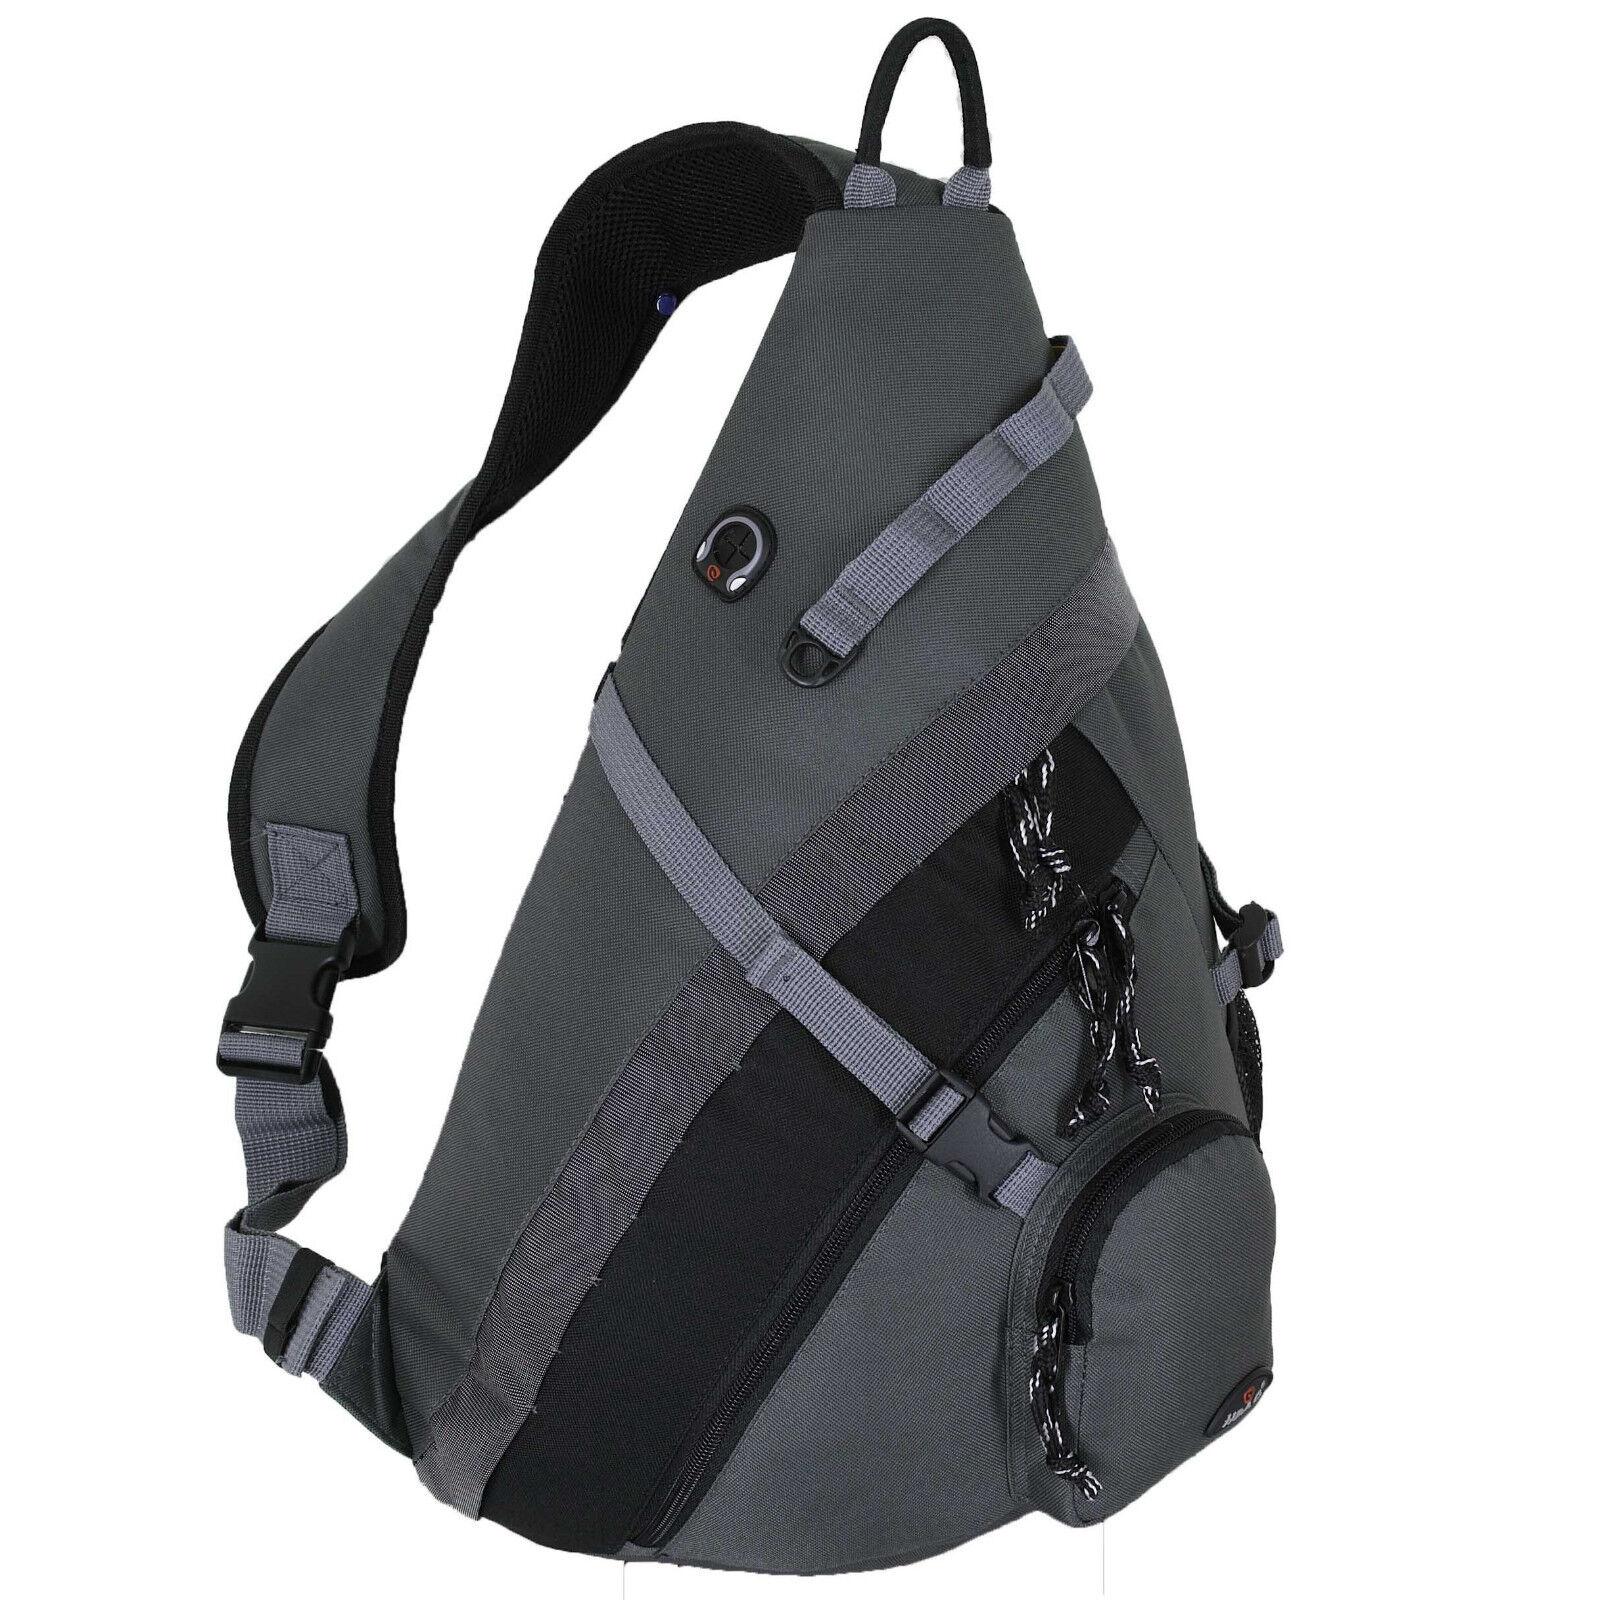 HBAG Sling Backpack Single Strap Shoulder Bag School Travel Sports ...